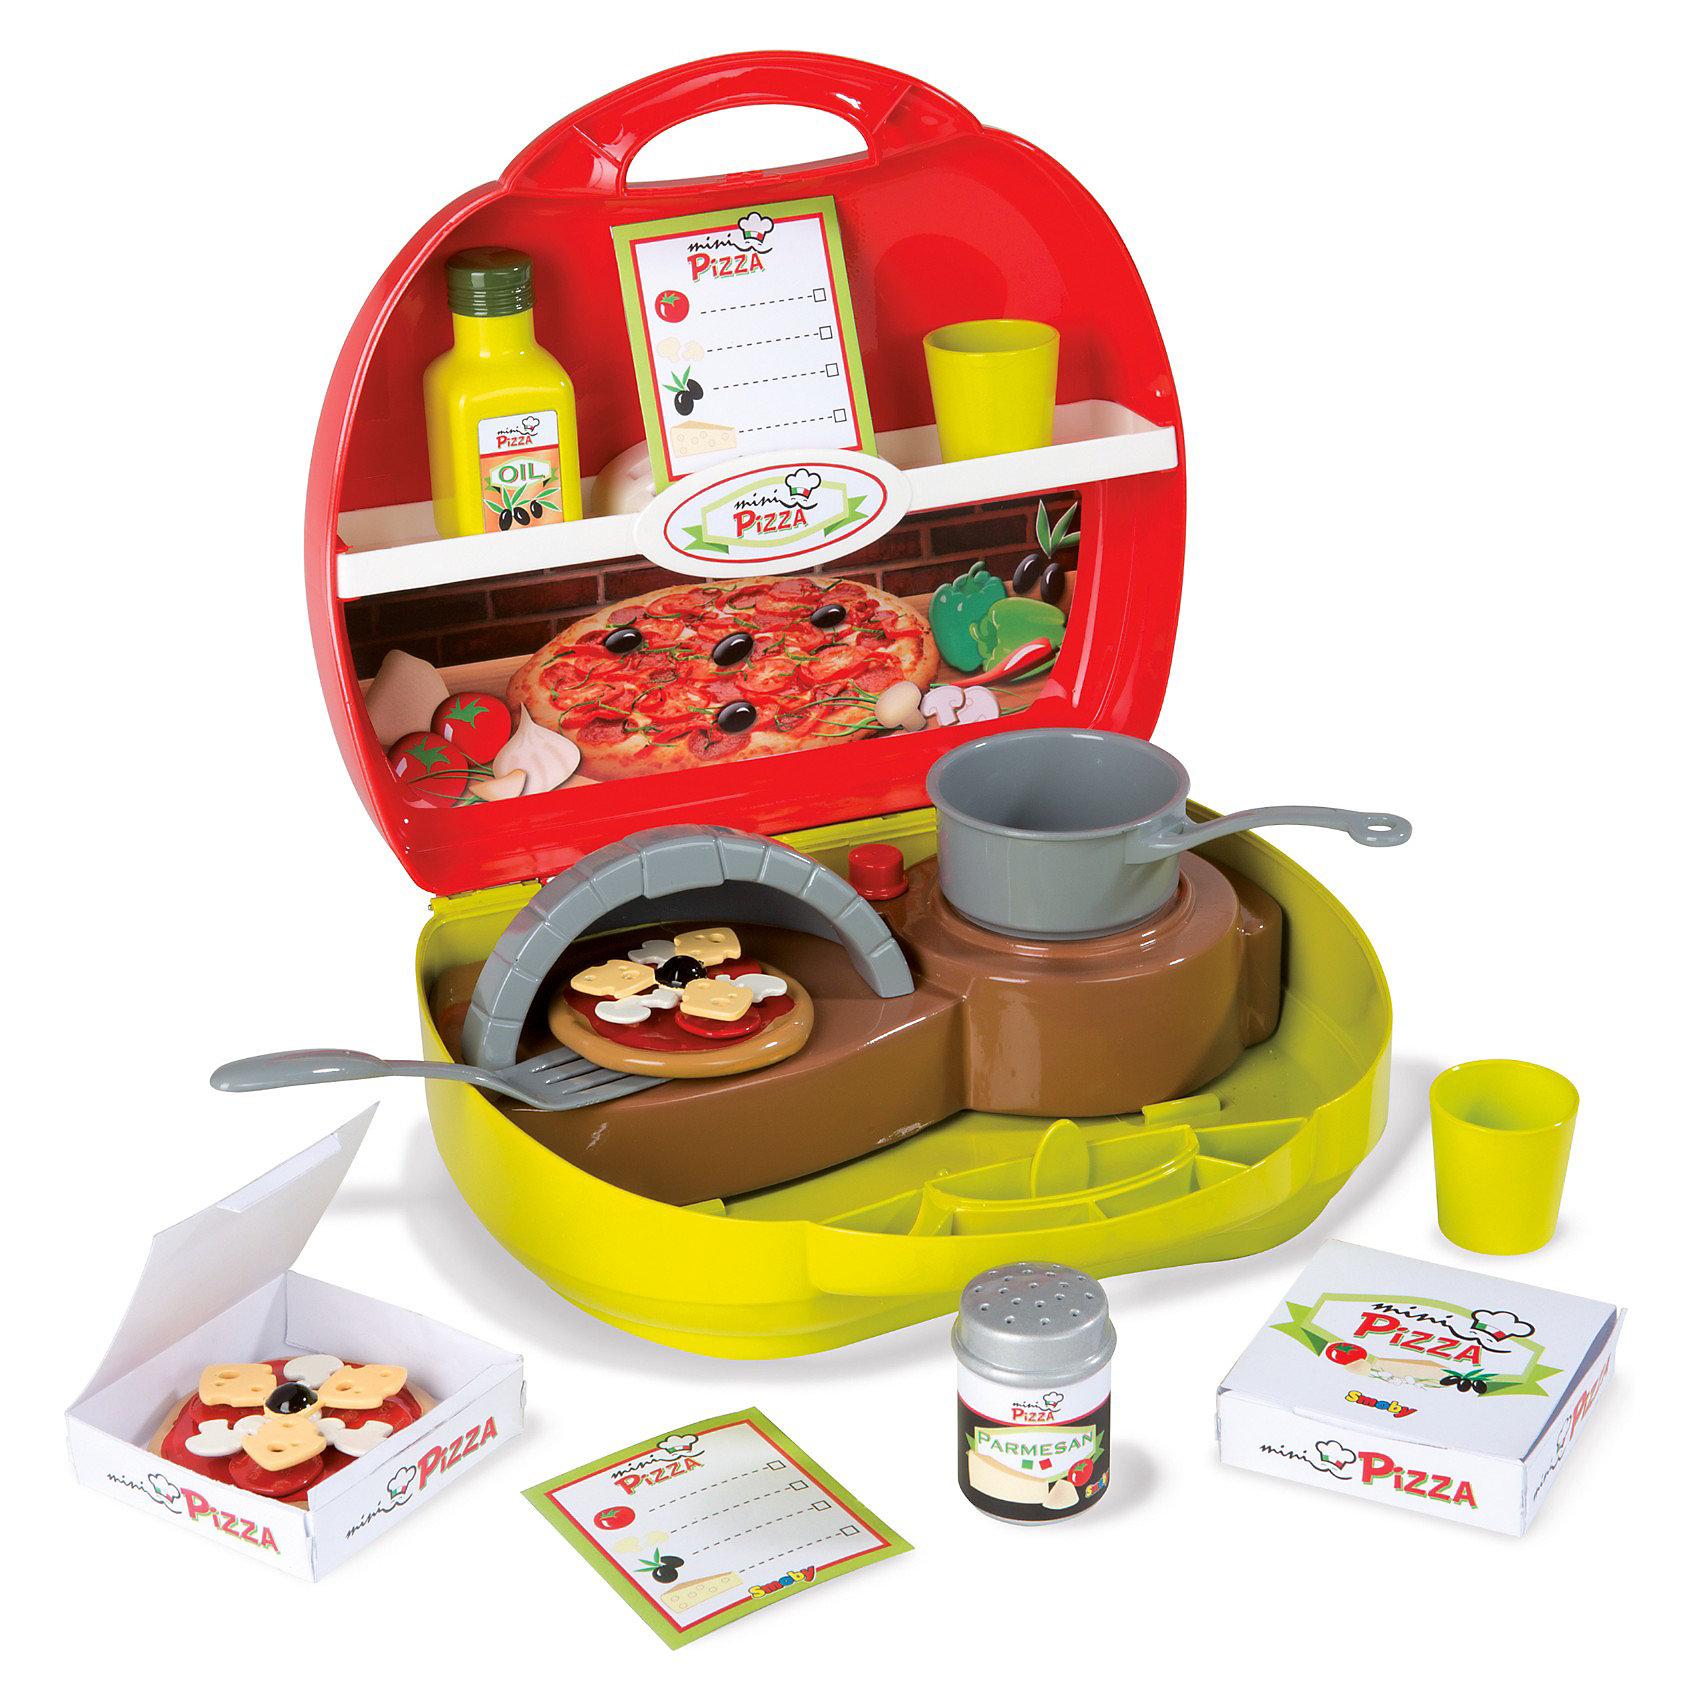 Мини-кухня Пицца, SmobyДетские кухни<br>Характеристики:<br><br>• размер чемоданчика: 26х10х24 см;<br>• аксессуары: пицца с 3-мя компонентами, коробочка для пиццы, лист меню, сырница и другие аксессуары;<br>• материал: пластик.<br><br>Мобильная кухня для приготовления пиццы помещается в компактном чемоданчике с ручкой. Открыв чемоданчик, внутри вы увидите варочную панель в нижнем отсеке и множество полочек для продуктов и кухонного инвентаря в верхнем отсеке чемоданчика. <br><br>Мини-кухню Пицца, Smoby можно купить в нашем магазине.<br><br>Ширина мм: 225<br>Глубина мм: 251<br>Высота мм: 104<br>Вес г: 579<br>Возраст от месяцев: 36<br>Возраст до месяцев: 96<br>Пол: Женский<br>Возраст: Детский<br>SKU: 3231512